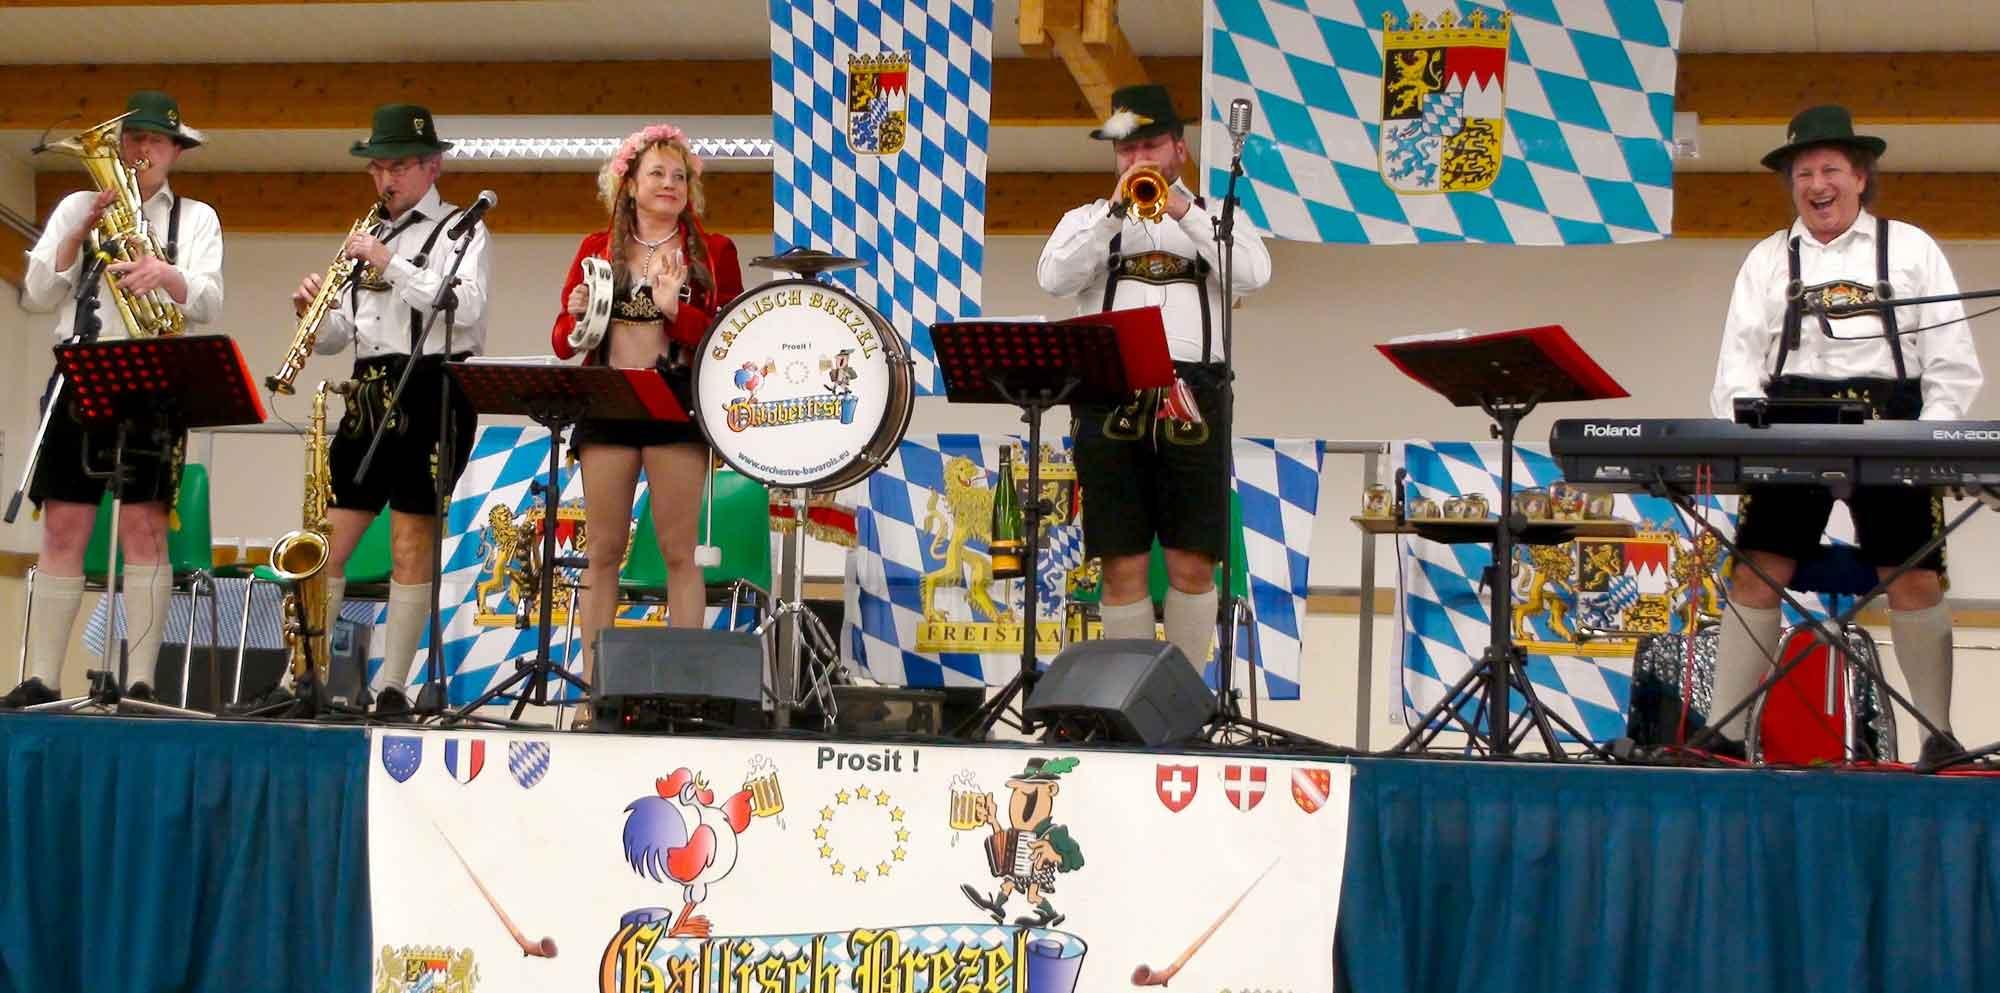 L'orchestre bavarois/alsacien GALLISCH BREZEL